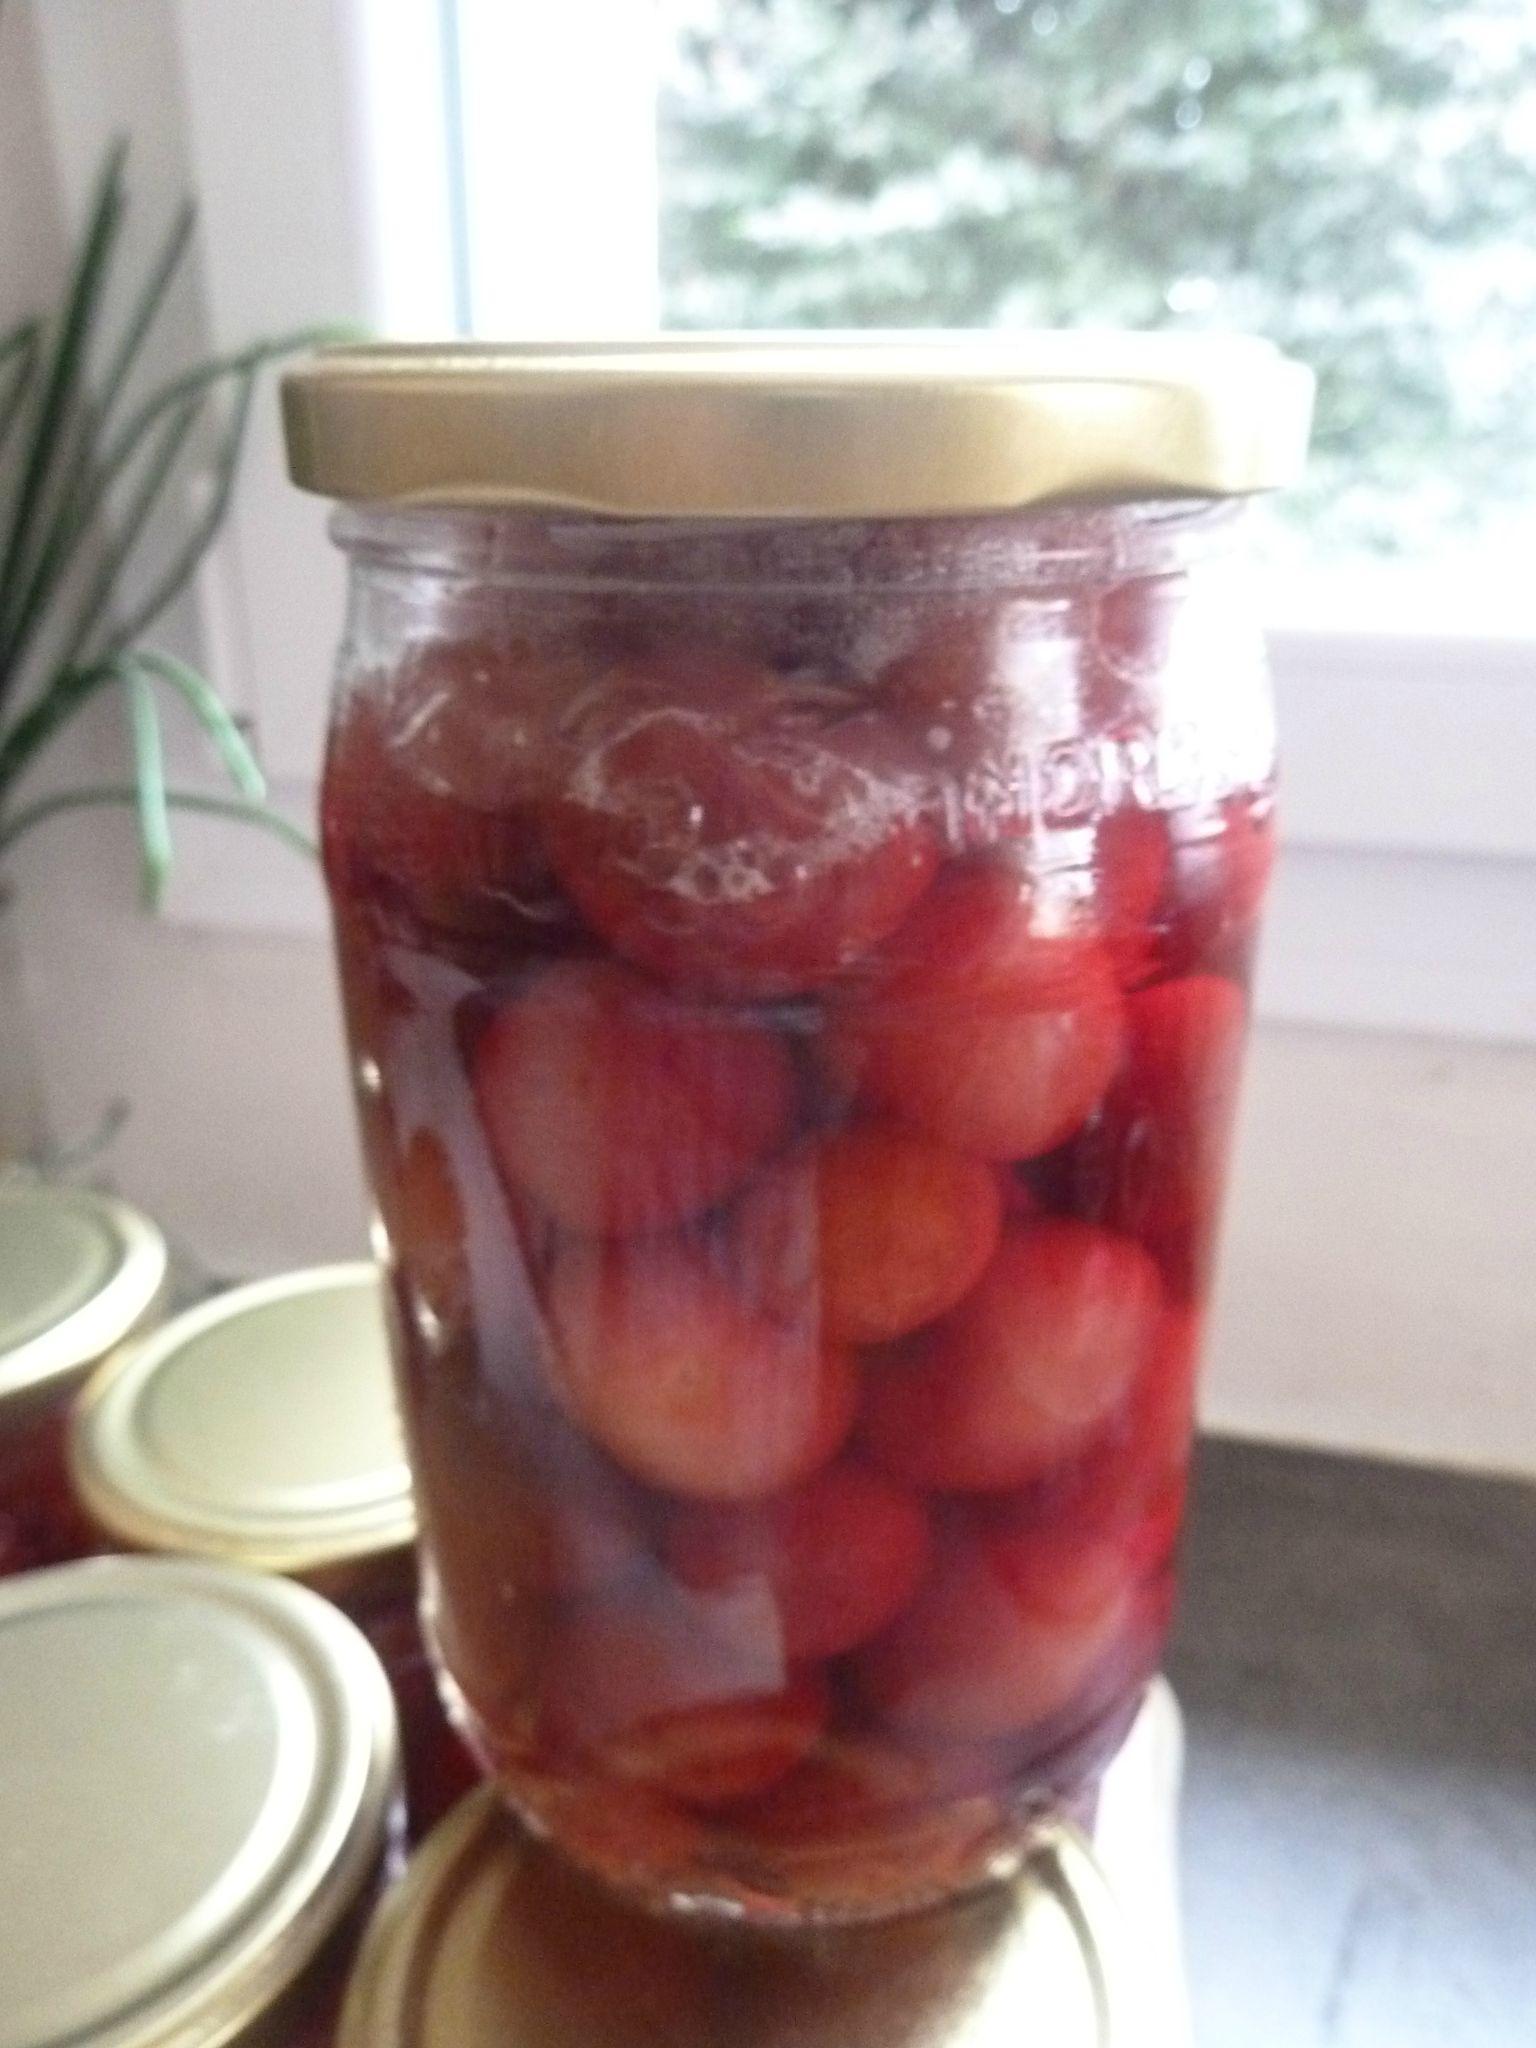 cerises au sirop léger-http://passionpotager.canalblog.com